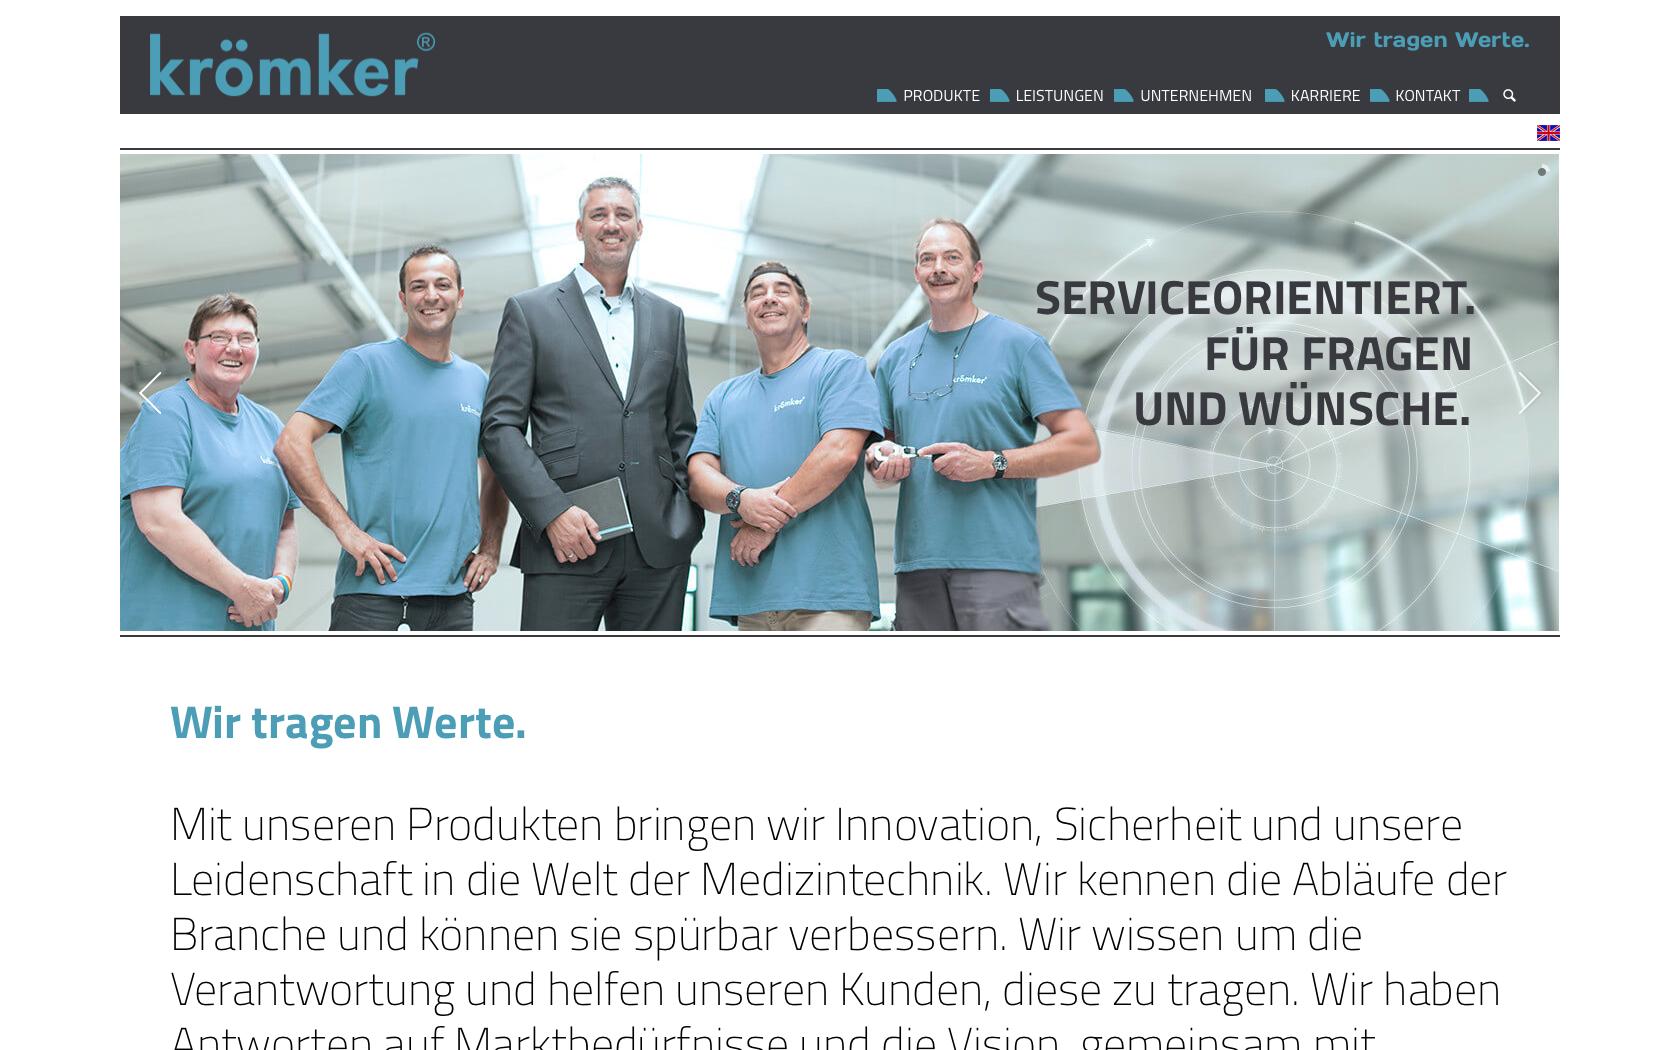 Kroemker_GmbH_Businessfotografie-01.png